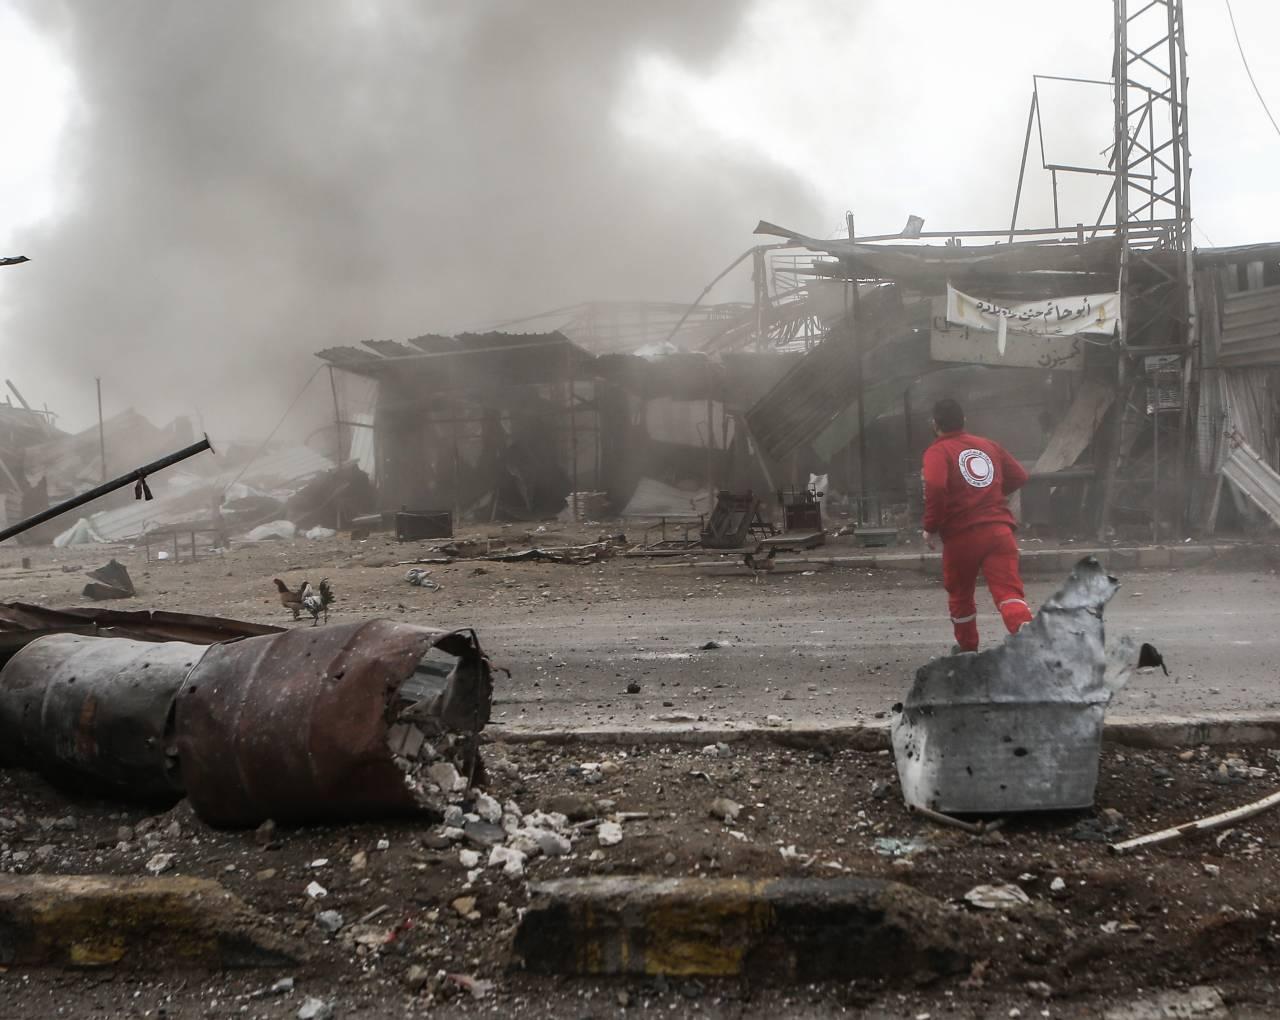 ООН остановила отправку гумконвоя вВосточную Гуту